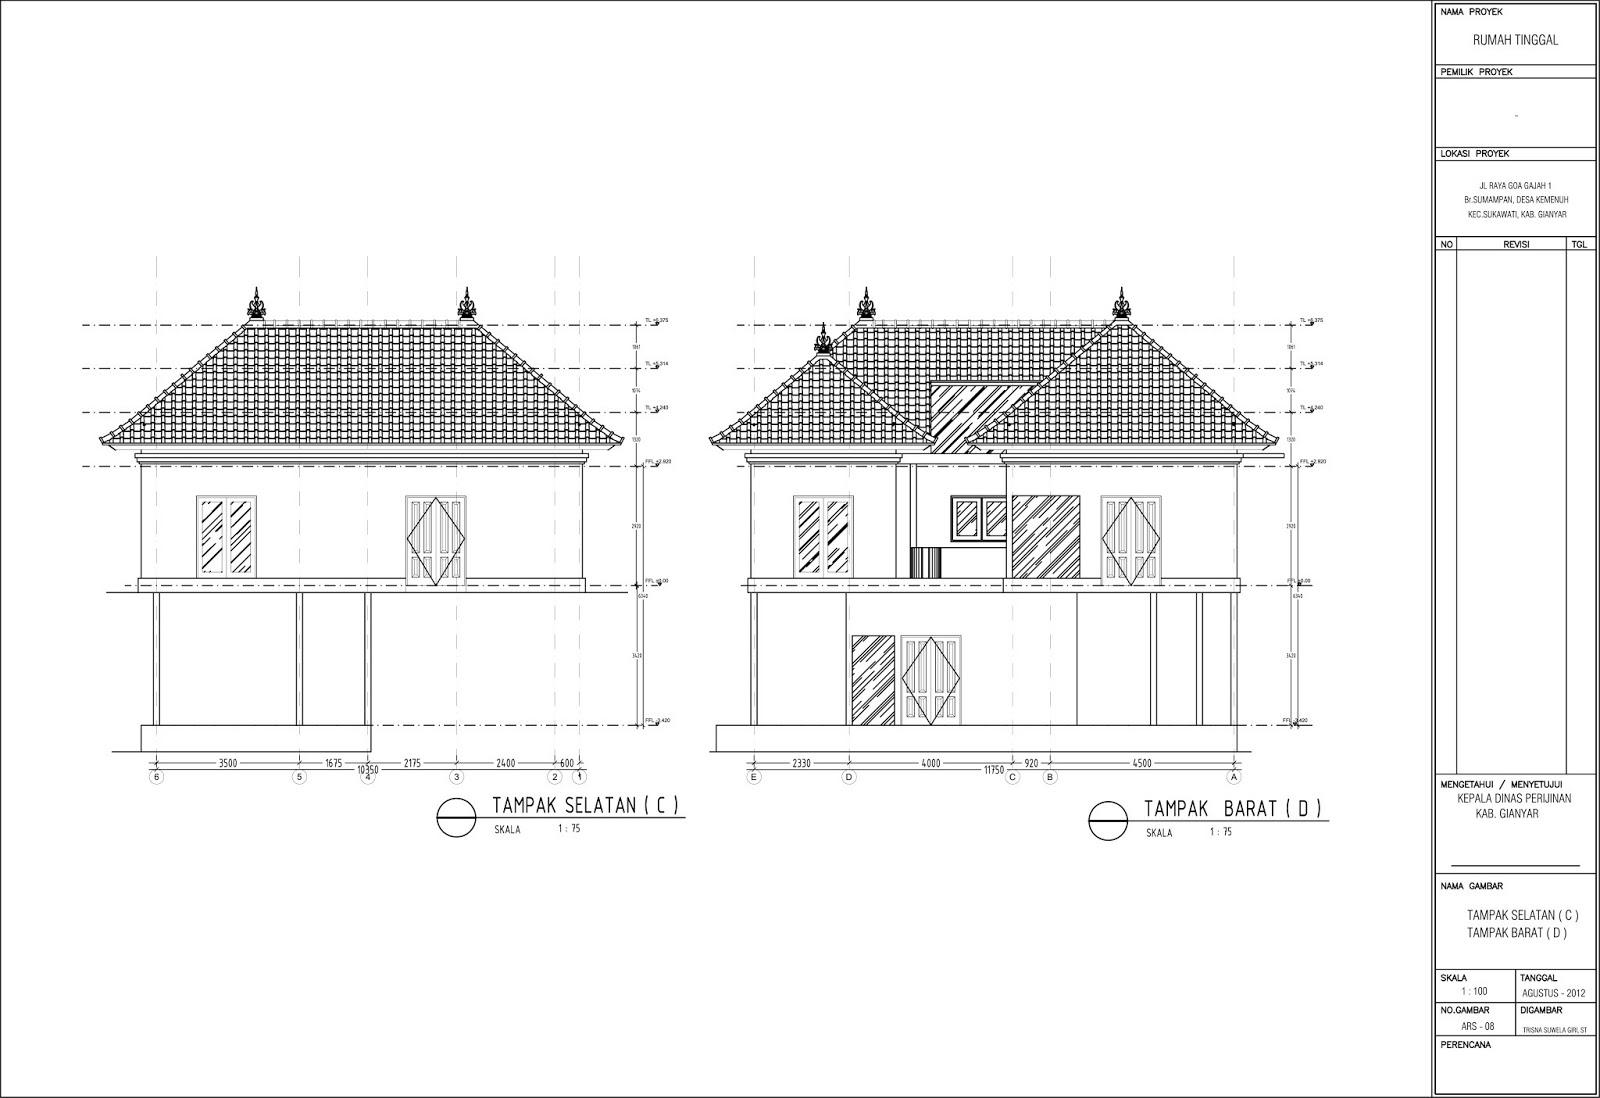 gambar imb rumah tinggal di kemenuh sukawati bali tsg